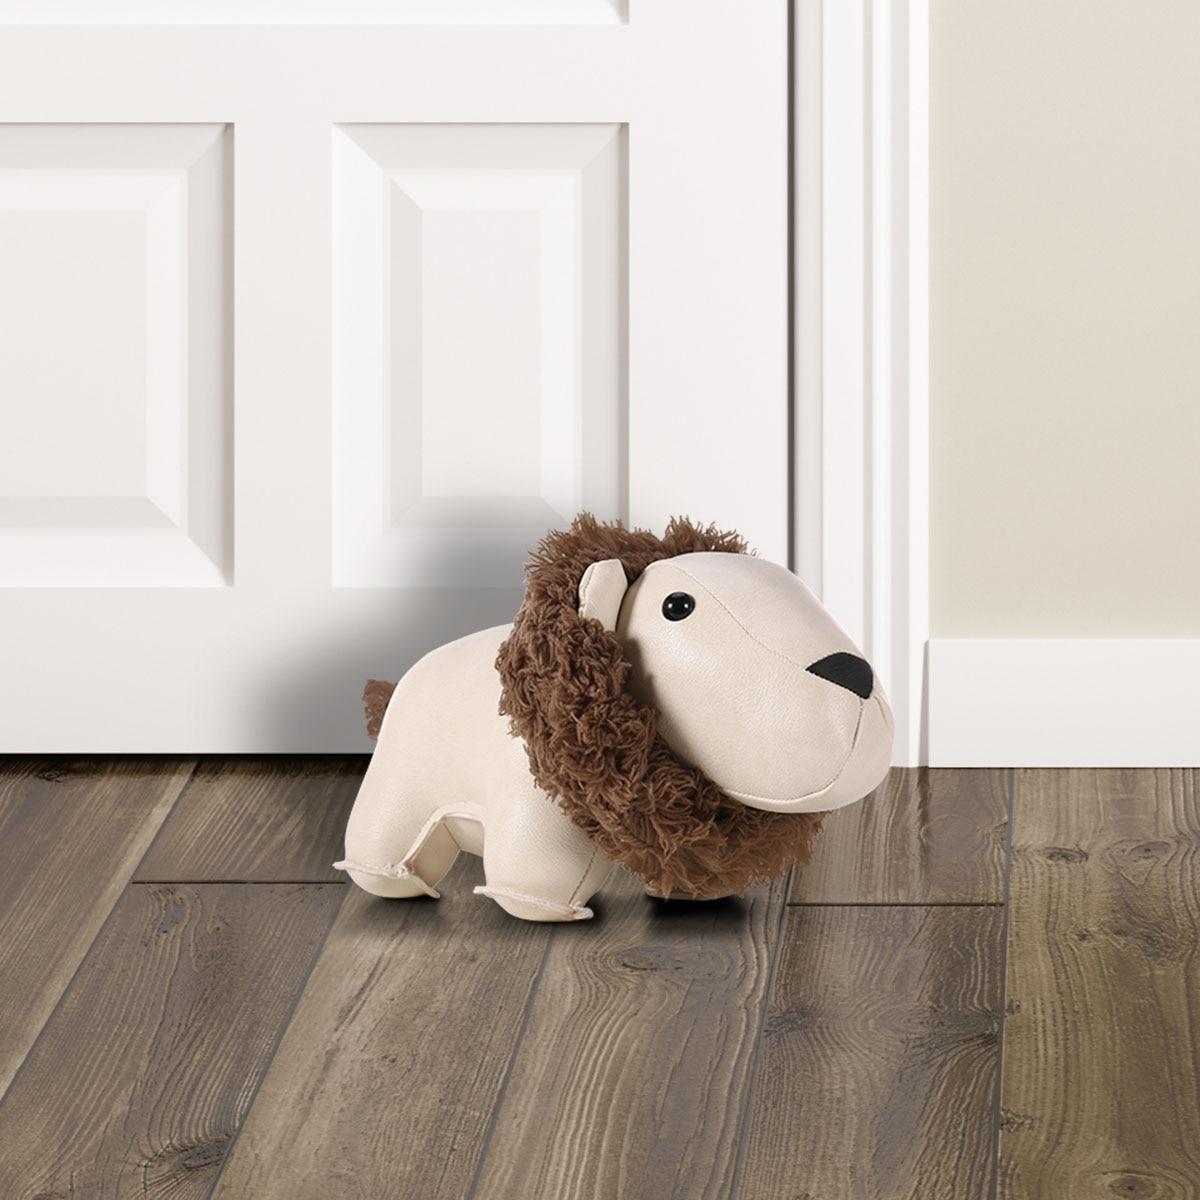 Tooarts Leather Lion Door Stopper Animal Toys Door Stop